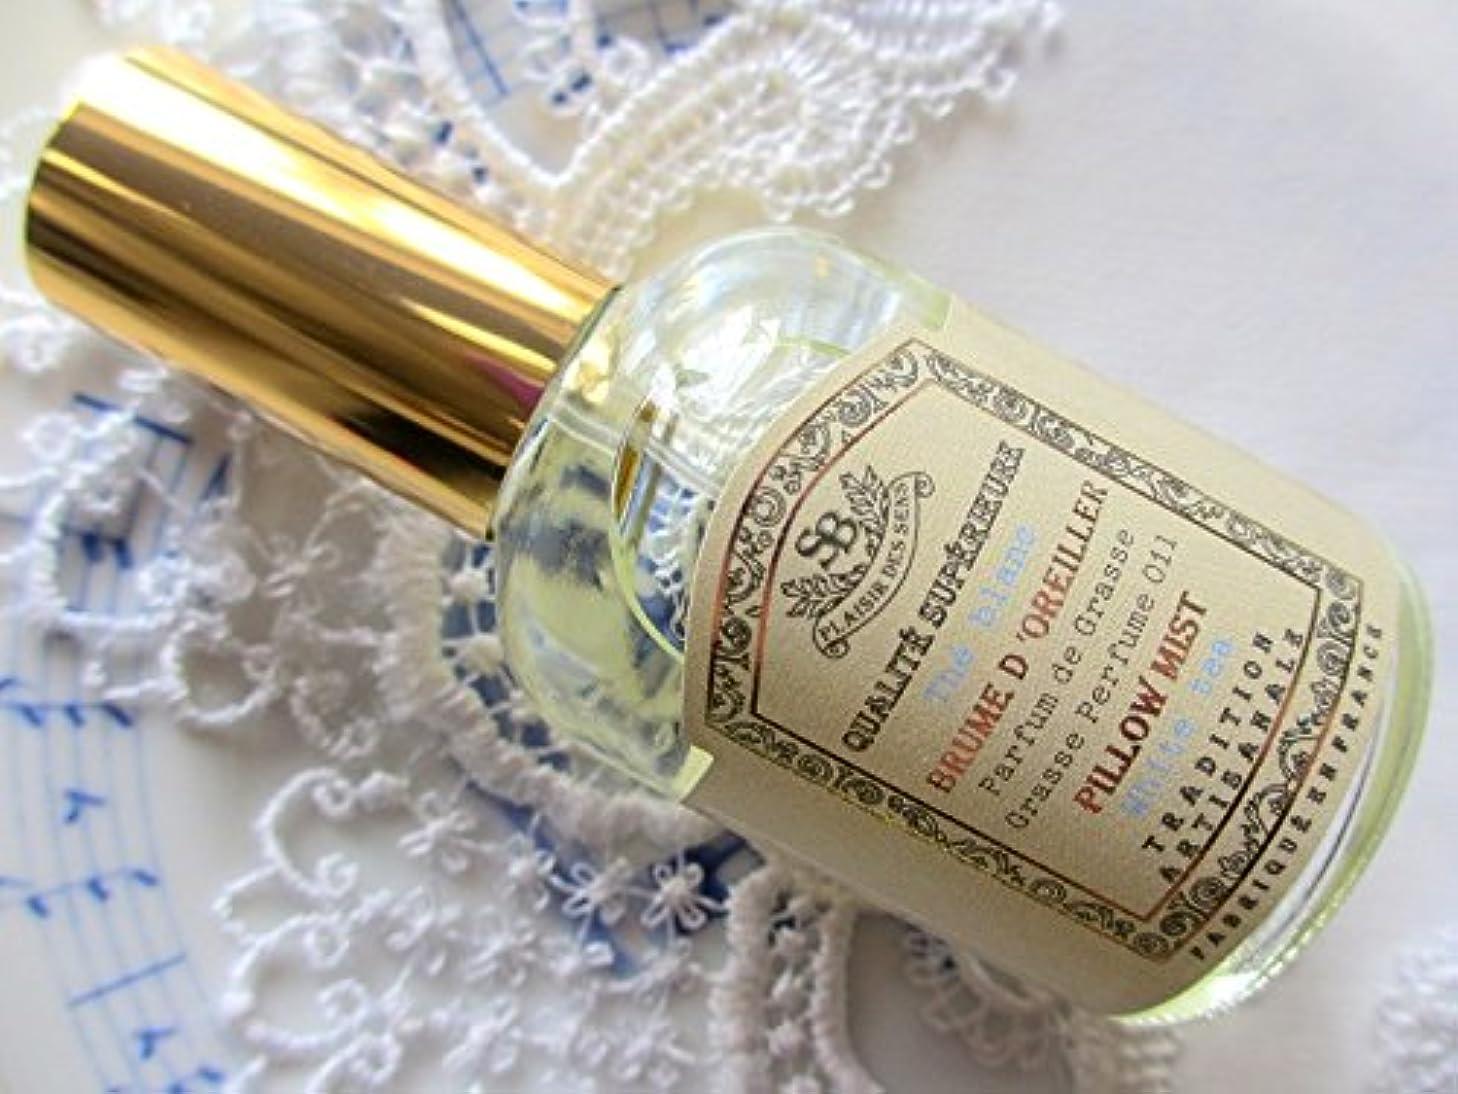 従順なサリー評決Senteur et Beaute(サンタールエボーテ) French classic(フレンチクラシックシリーズ) ピローミスト 50ml 「ホワイトティー」 4994228024350